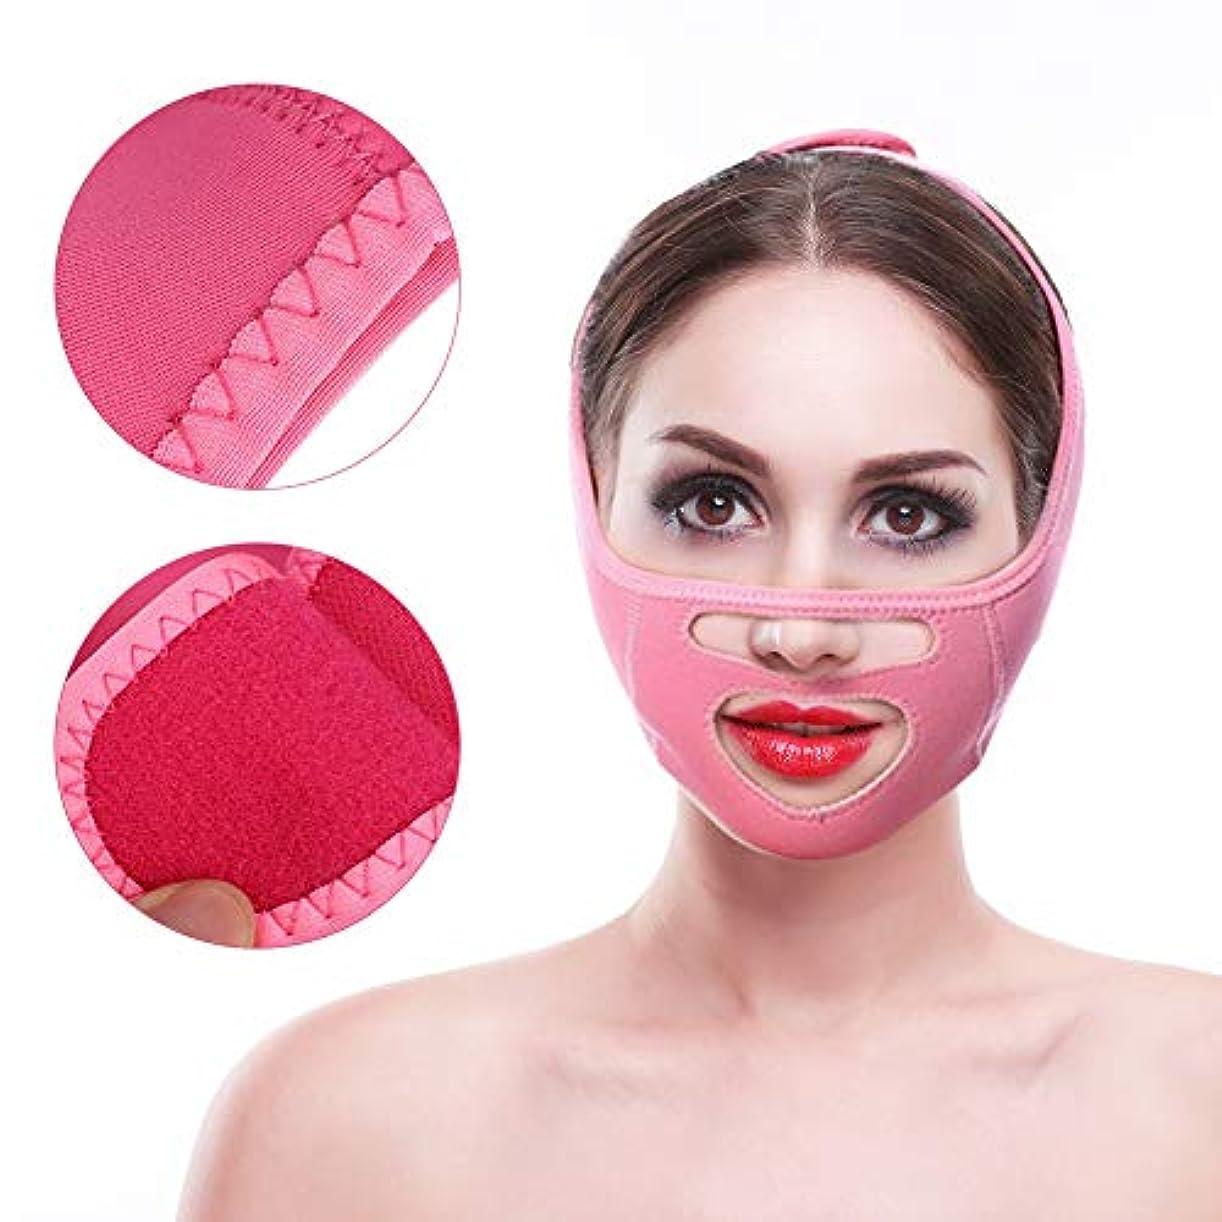 演劇クランシー副詞顔の持ち上がる整形ベルト、効果的に顔の形を改善し、顔と首の二重あごに肌を引き締め包帯を減らす